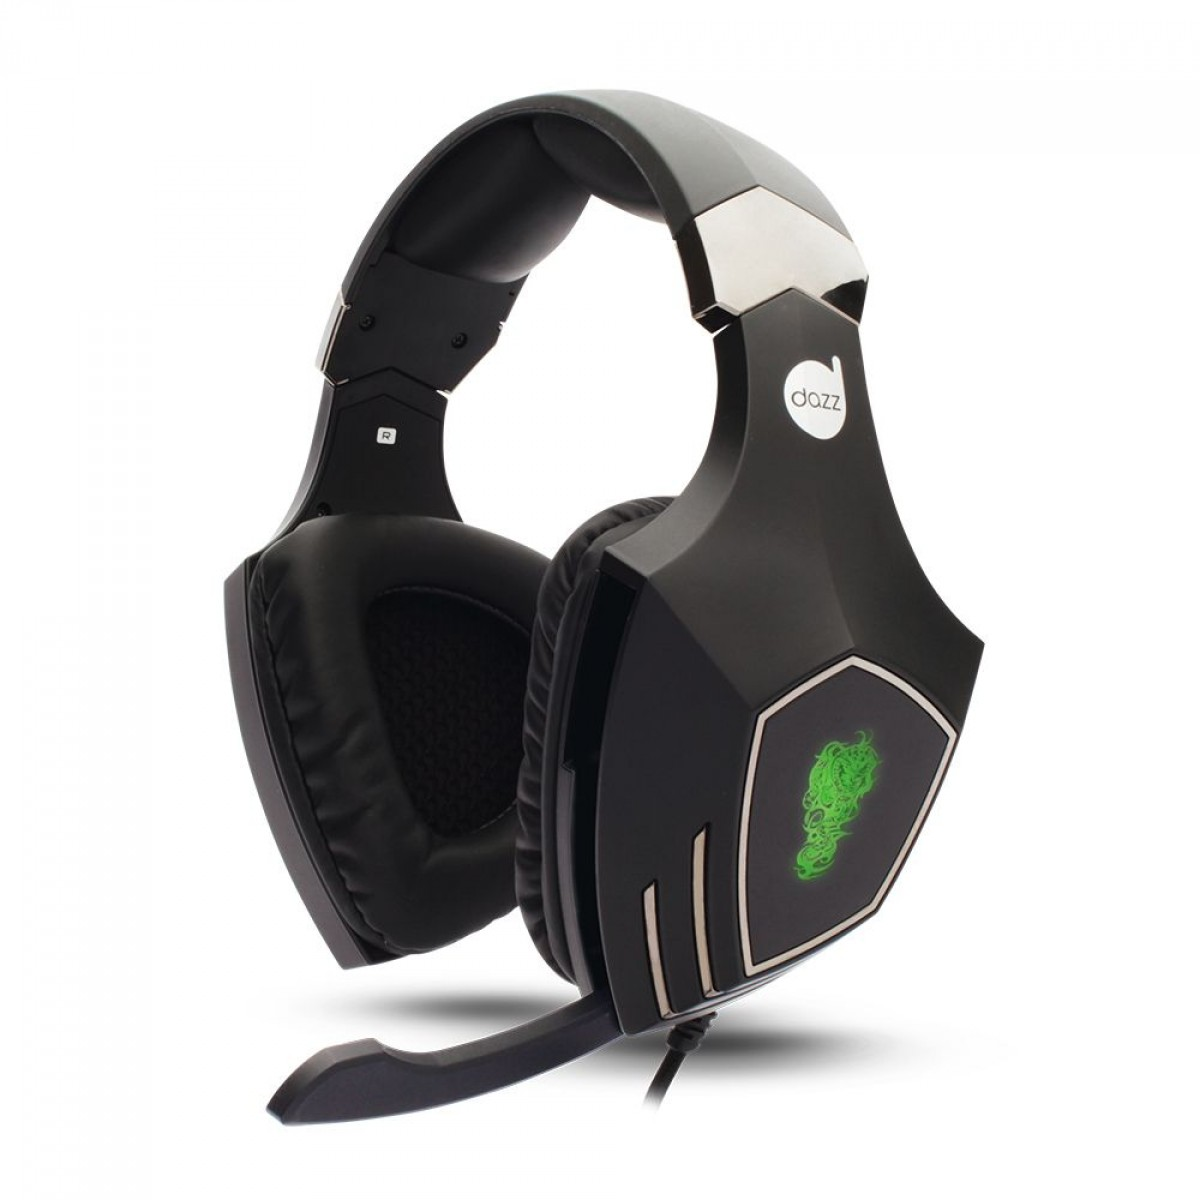 Headset Gamer Dazz, Rock Python, 7.1 Surround, USB, Black/Green, 622147